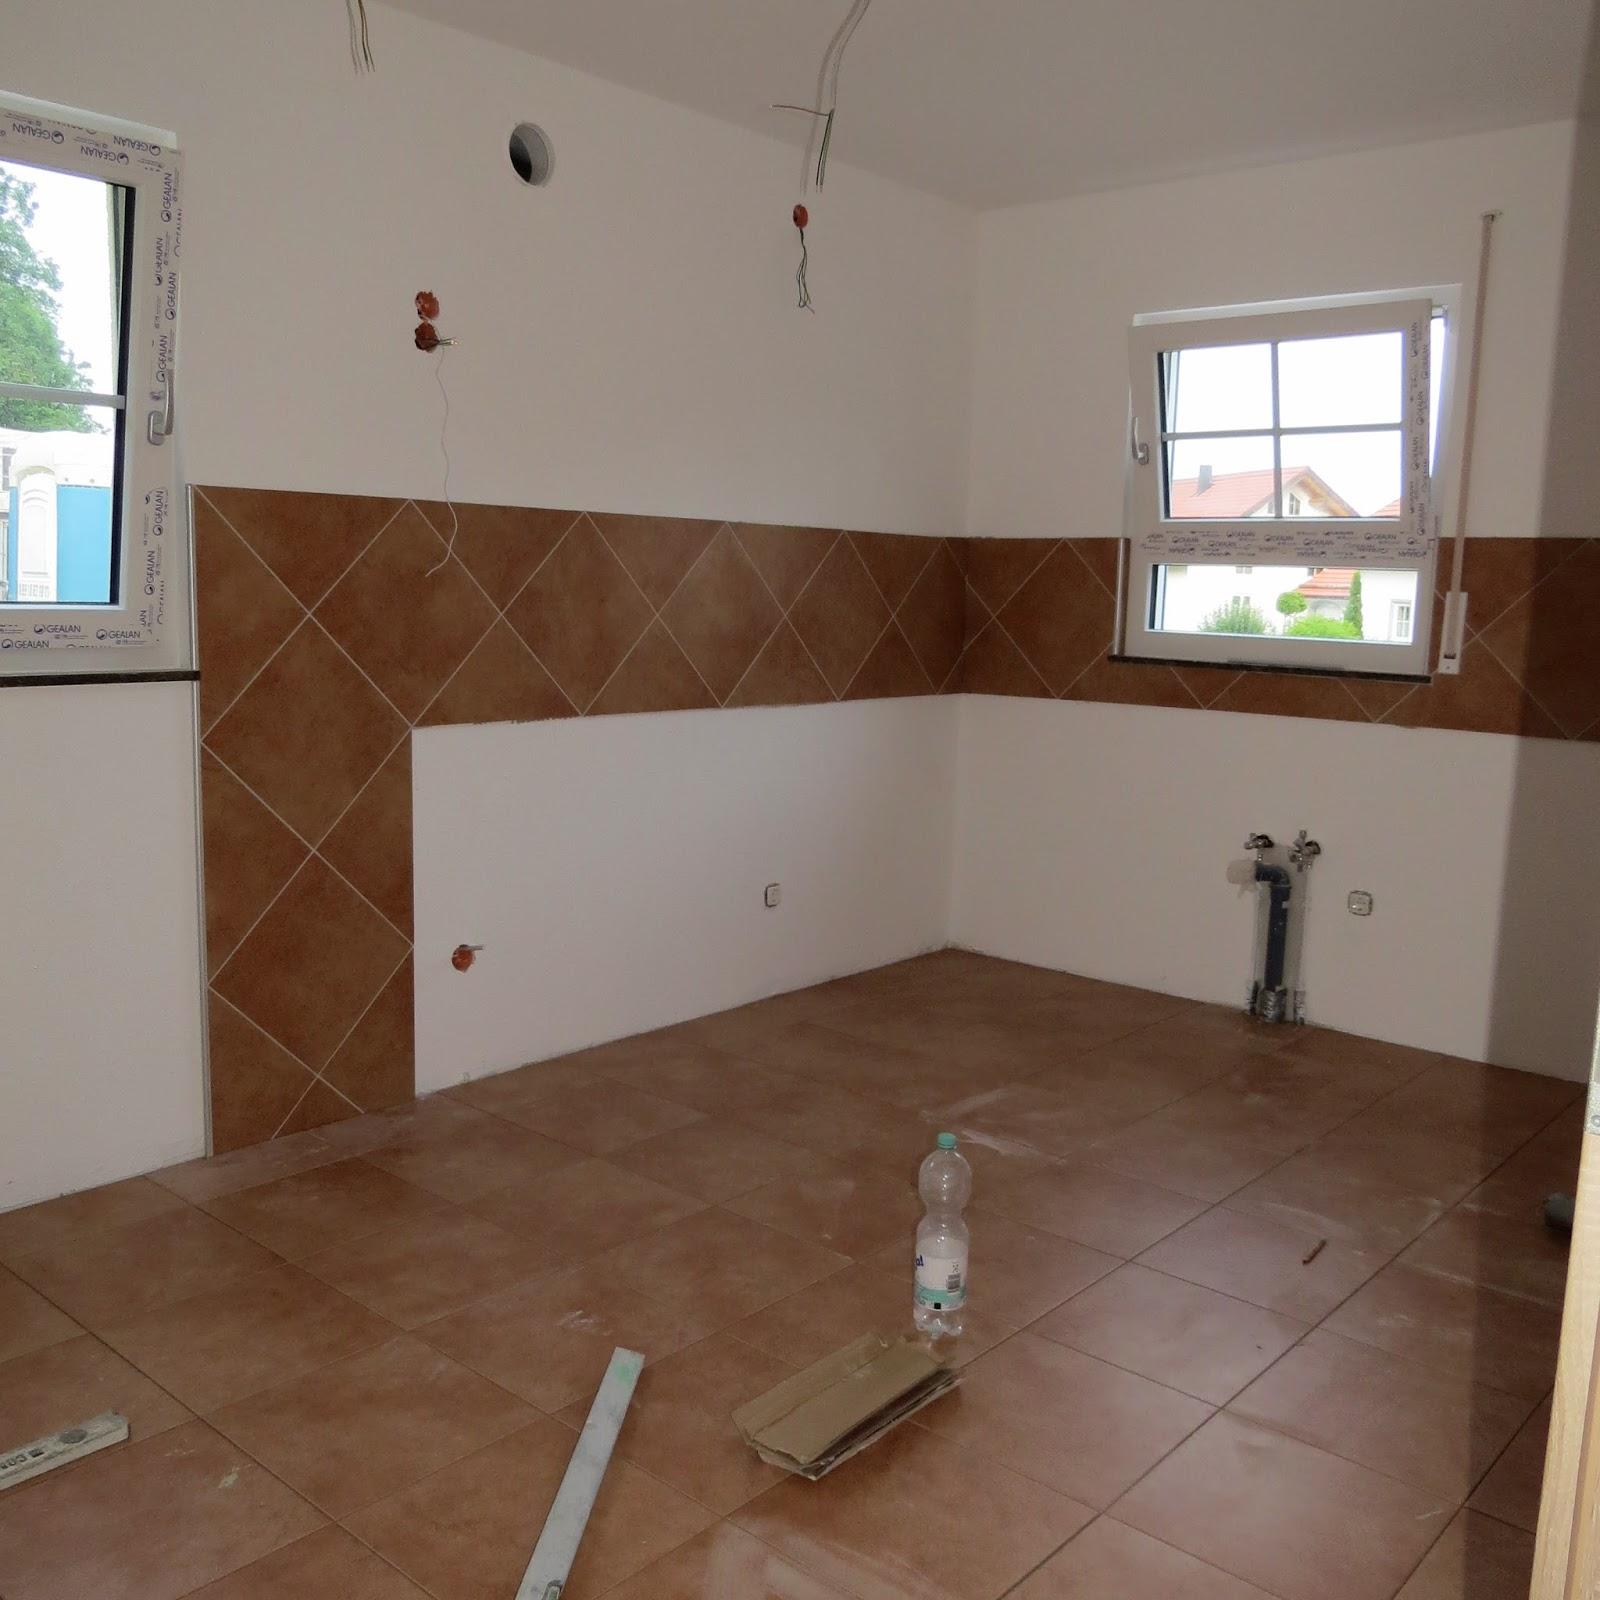 Wir bauen mit keitel haus in markt buchbach die ersten for Haus bauen firmen